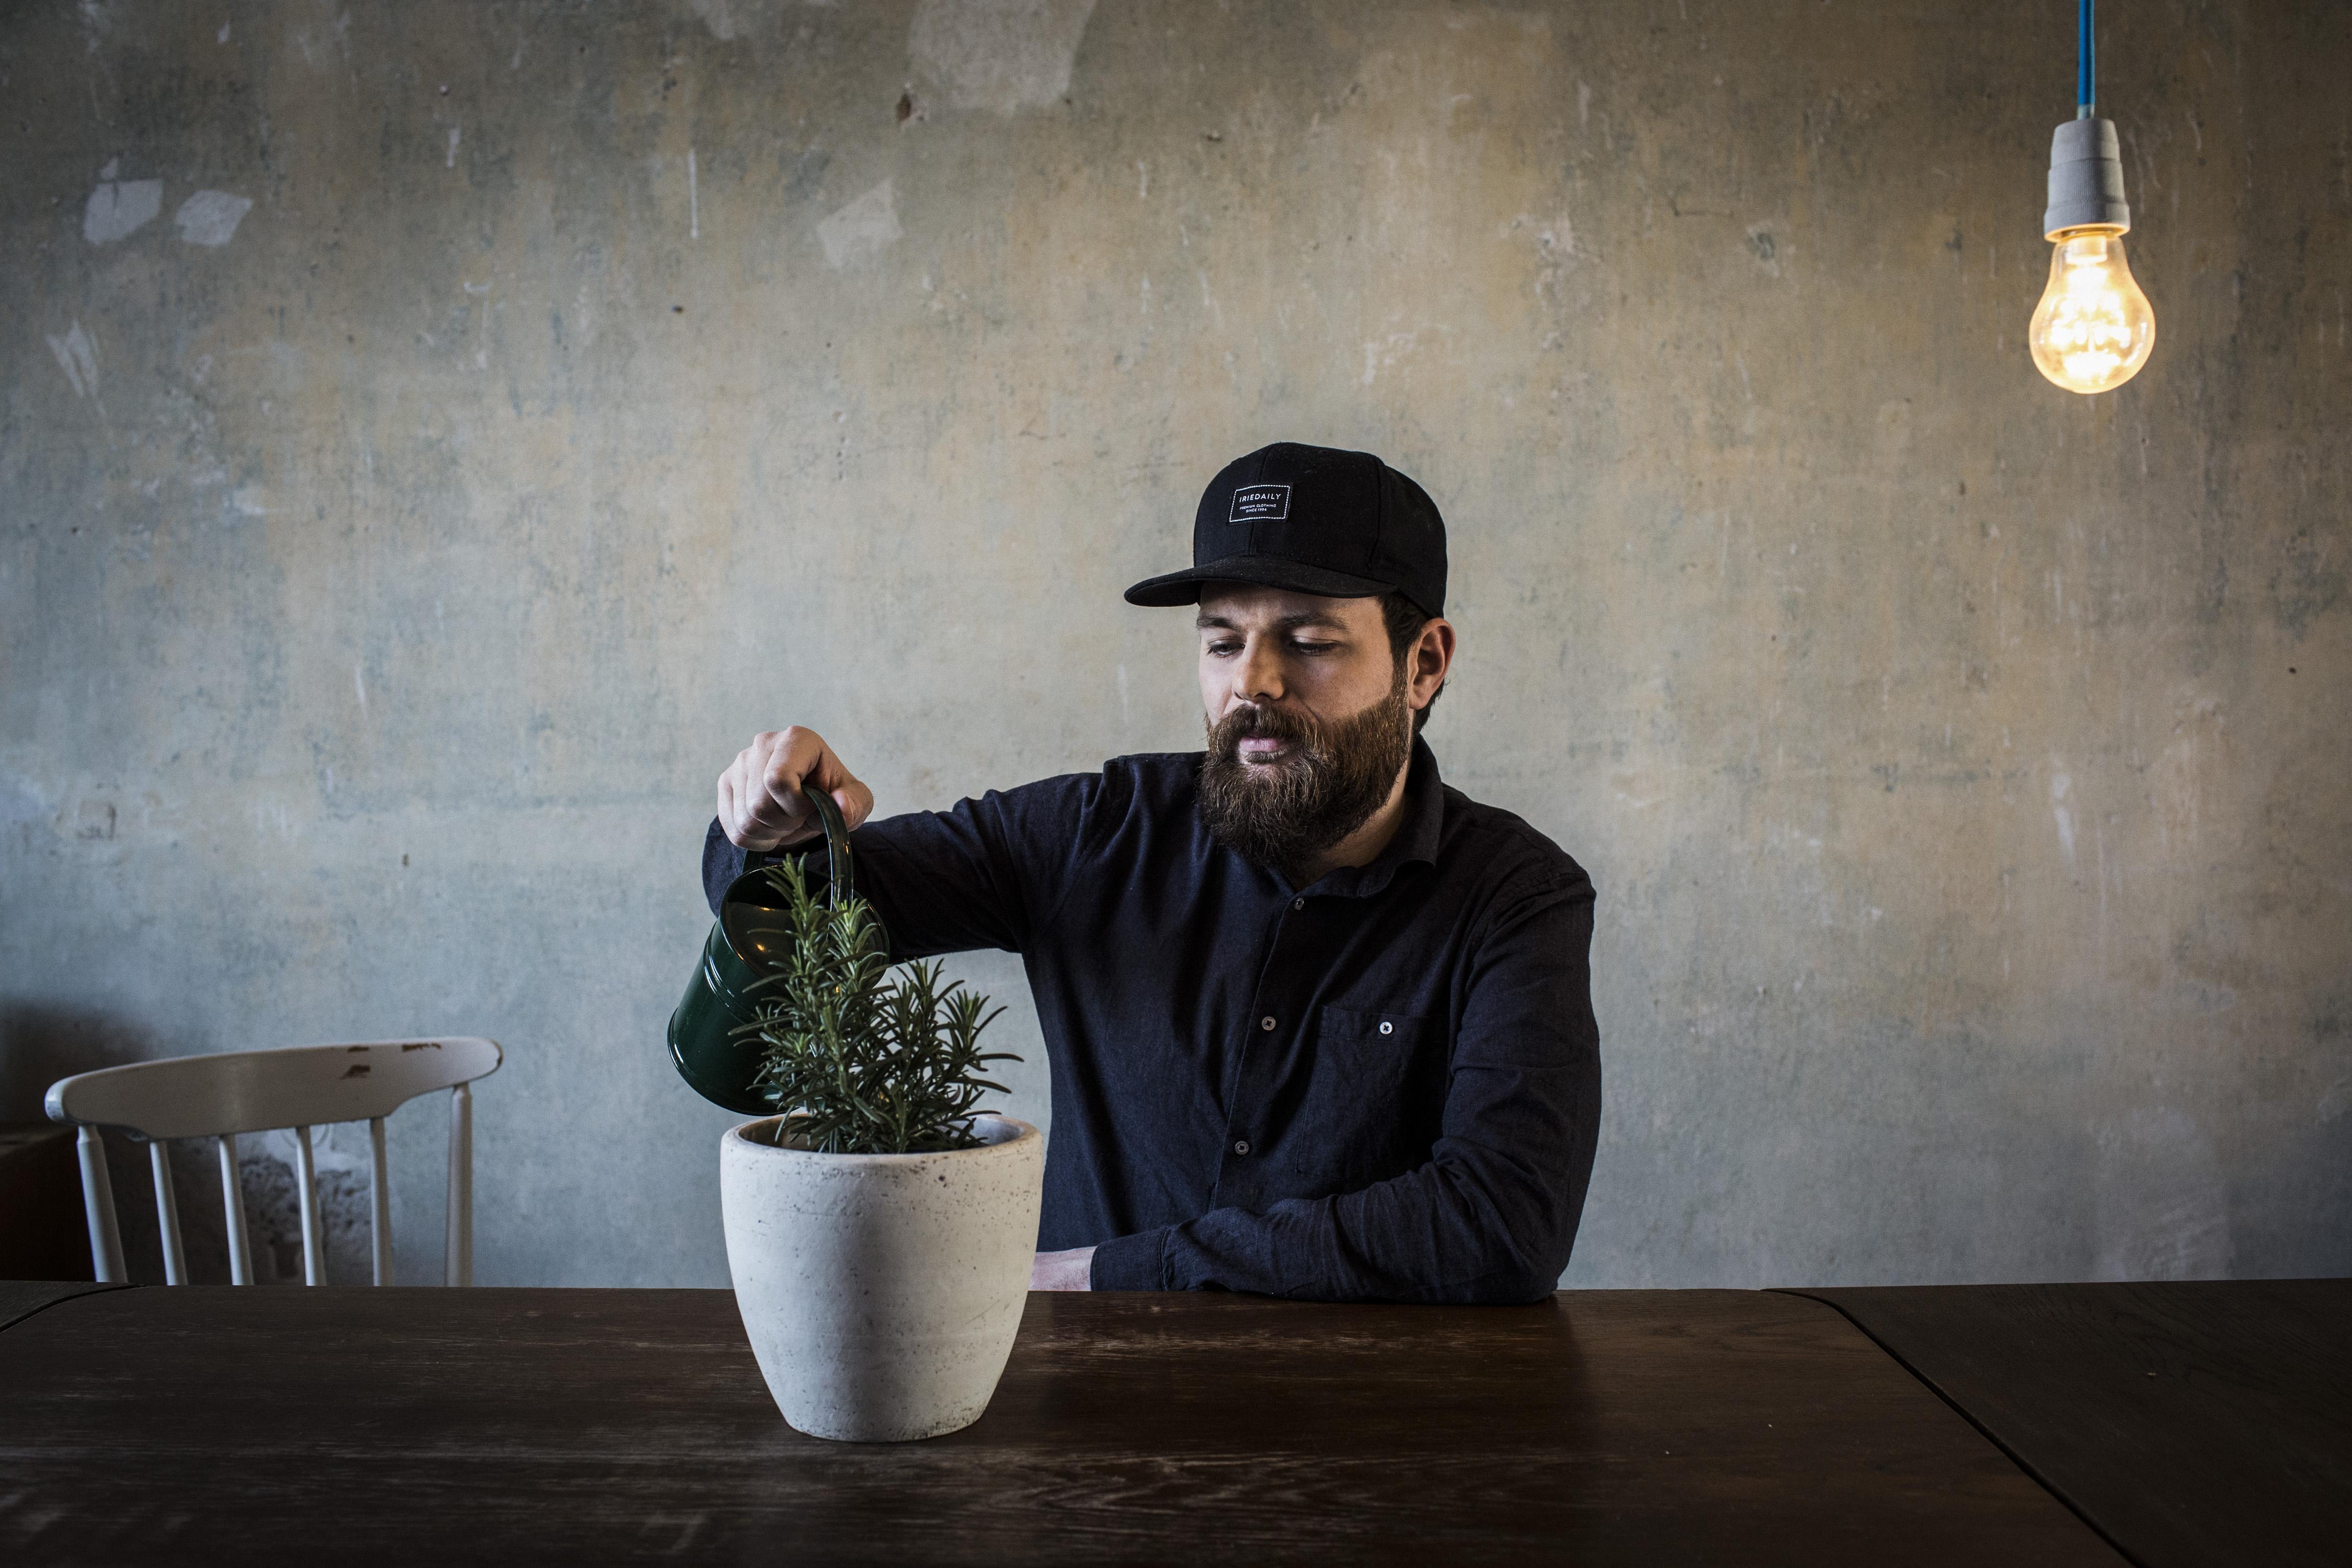 Bärtiger Mann gießt eine Pflanze